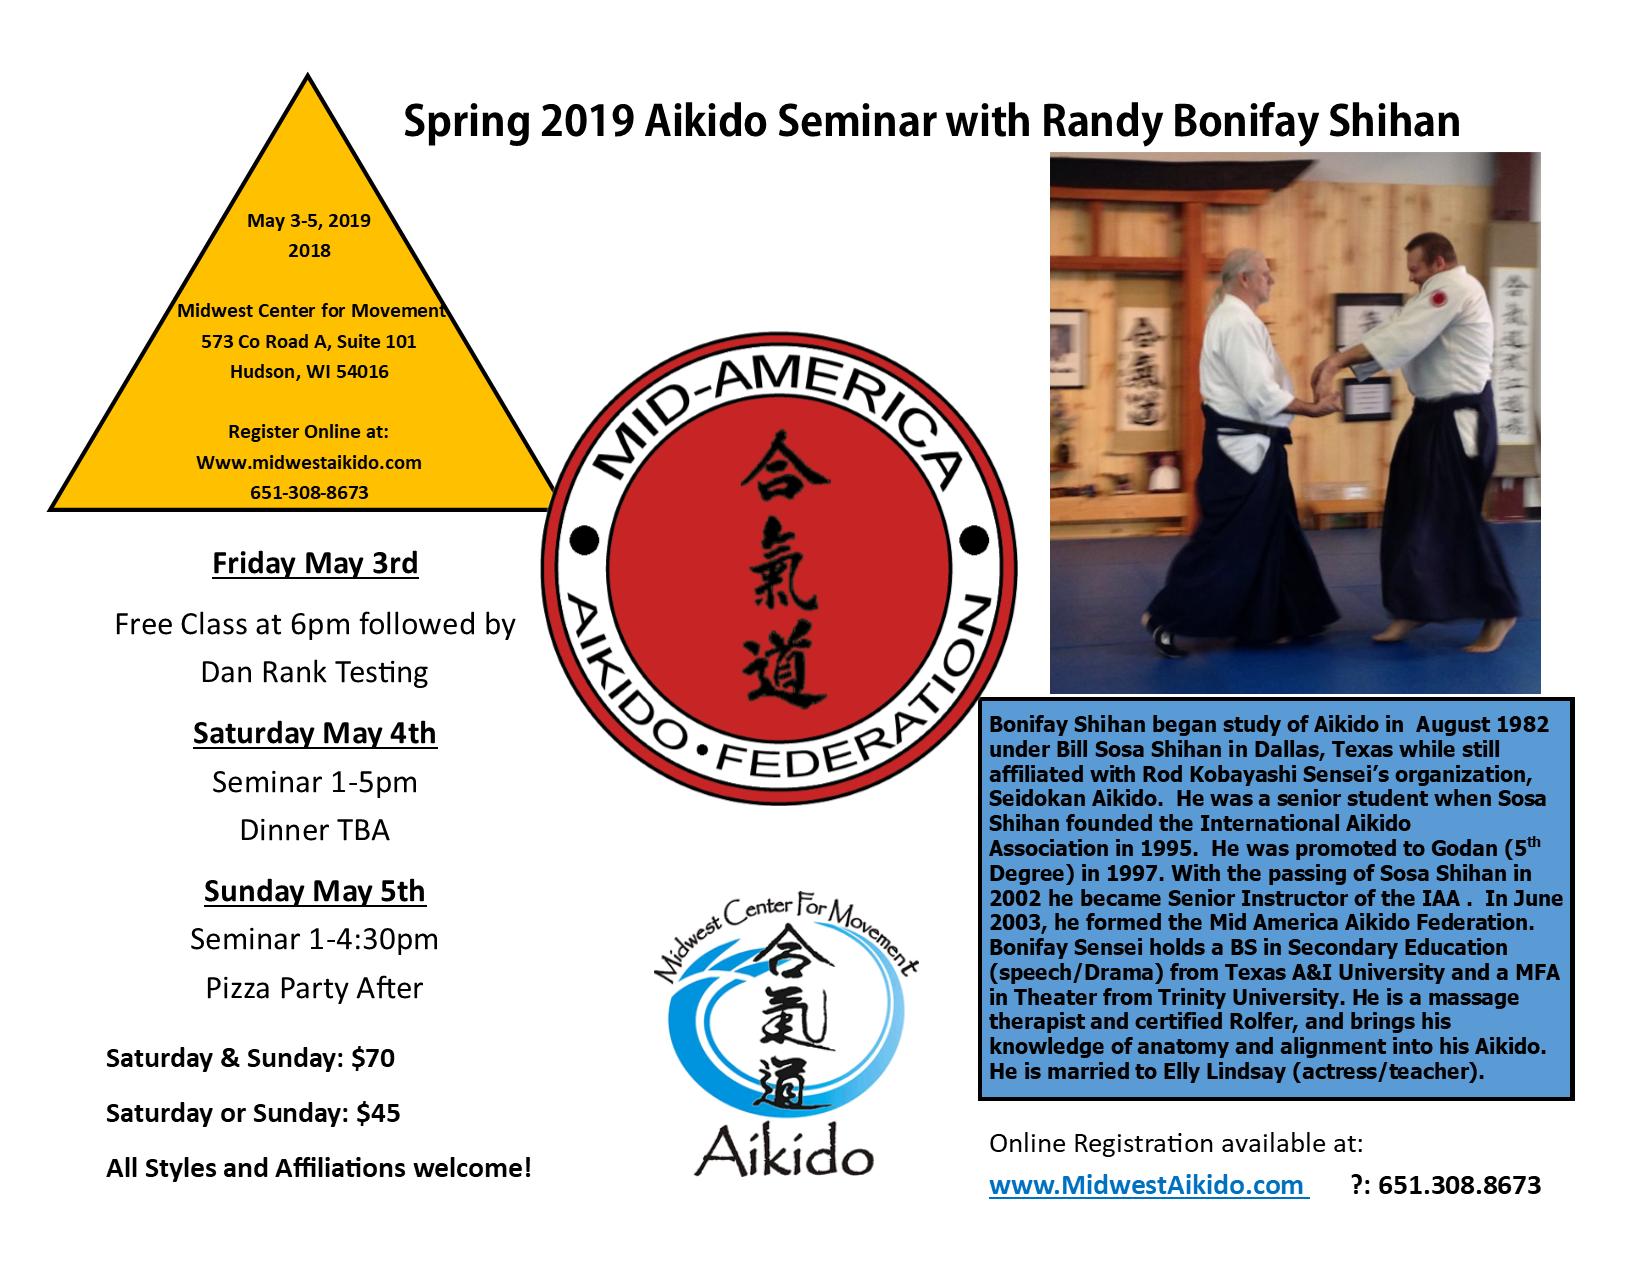 Spring Aikido Seminar May 3rd-5th